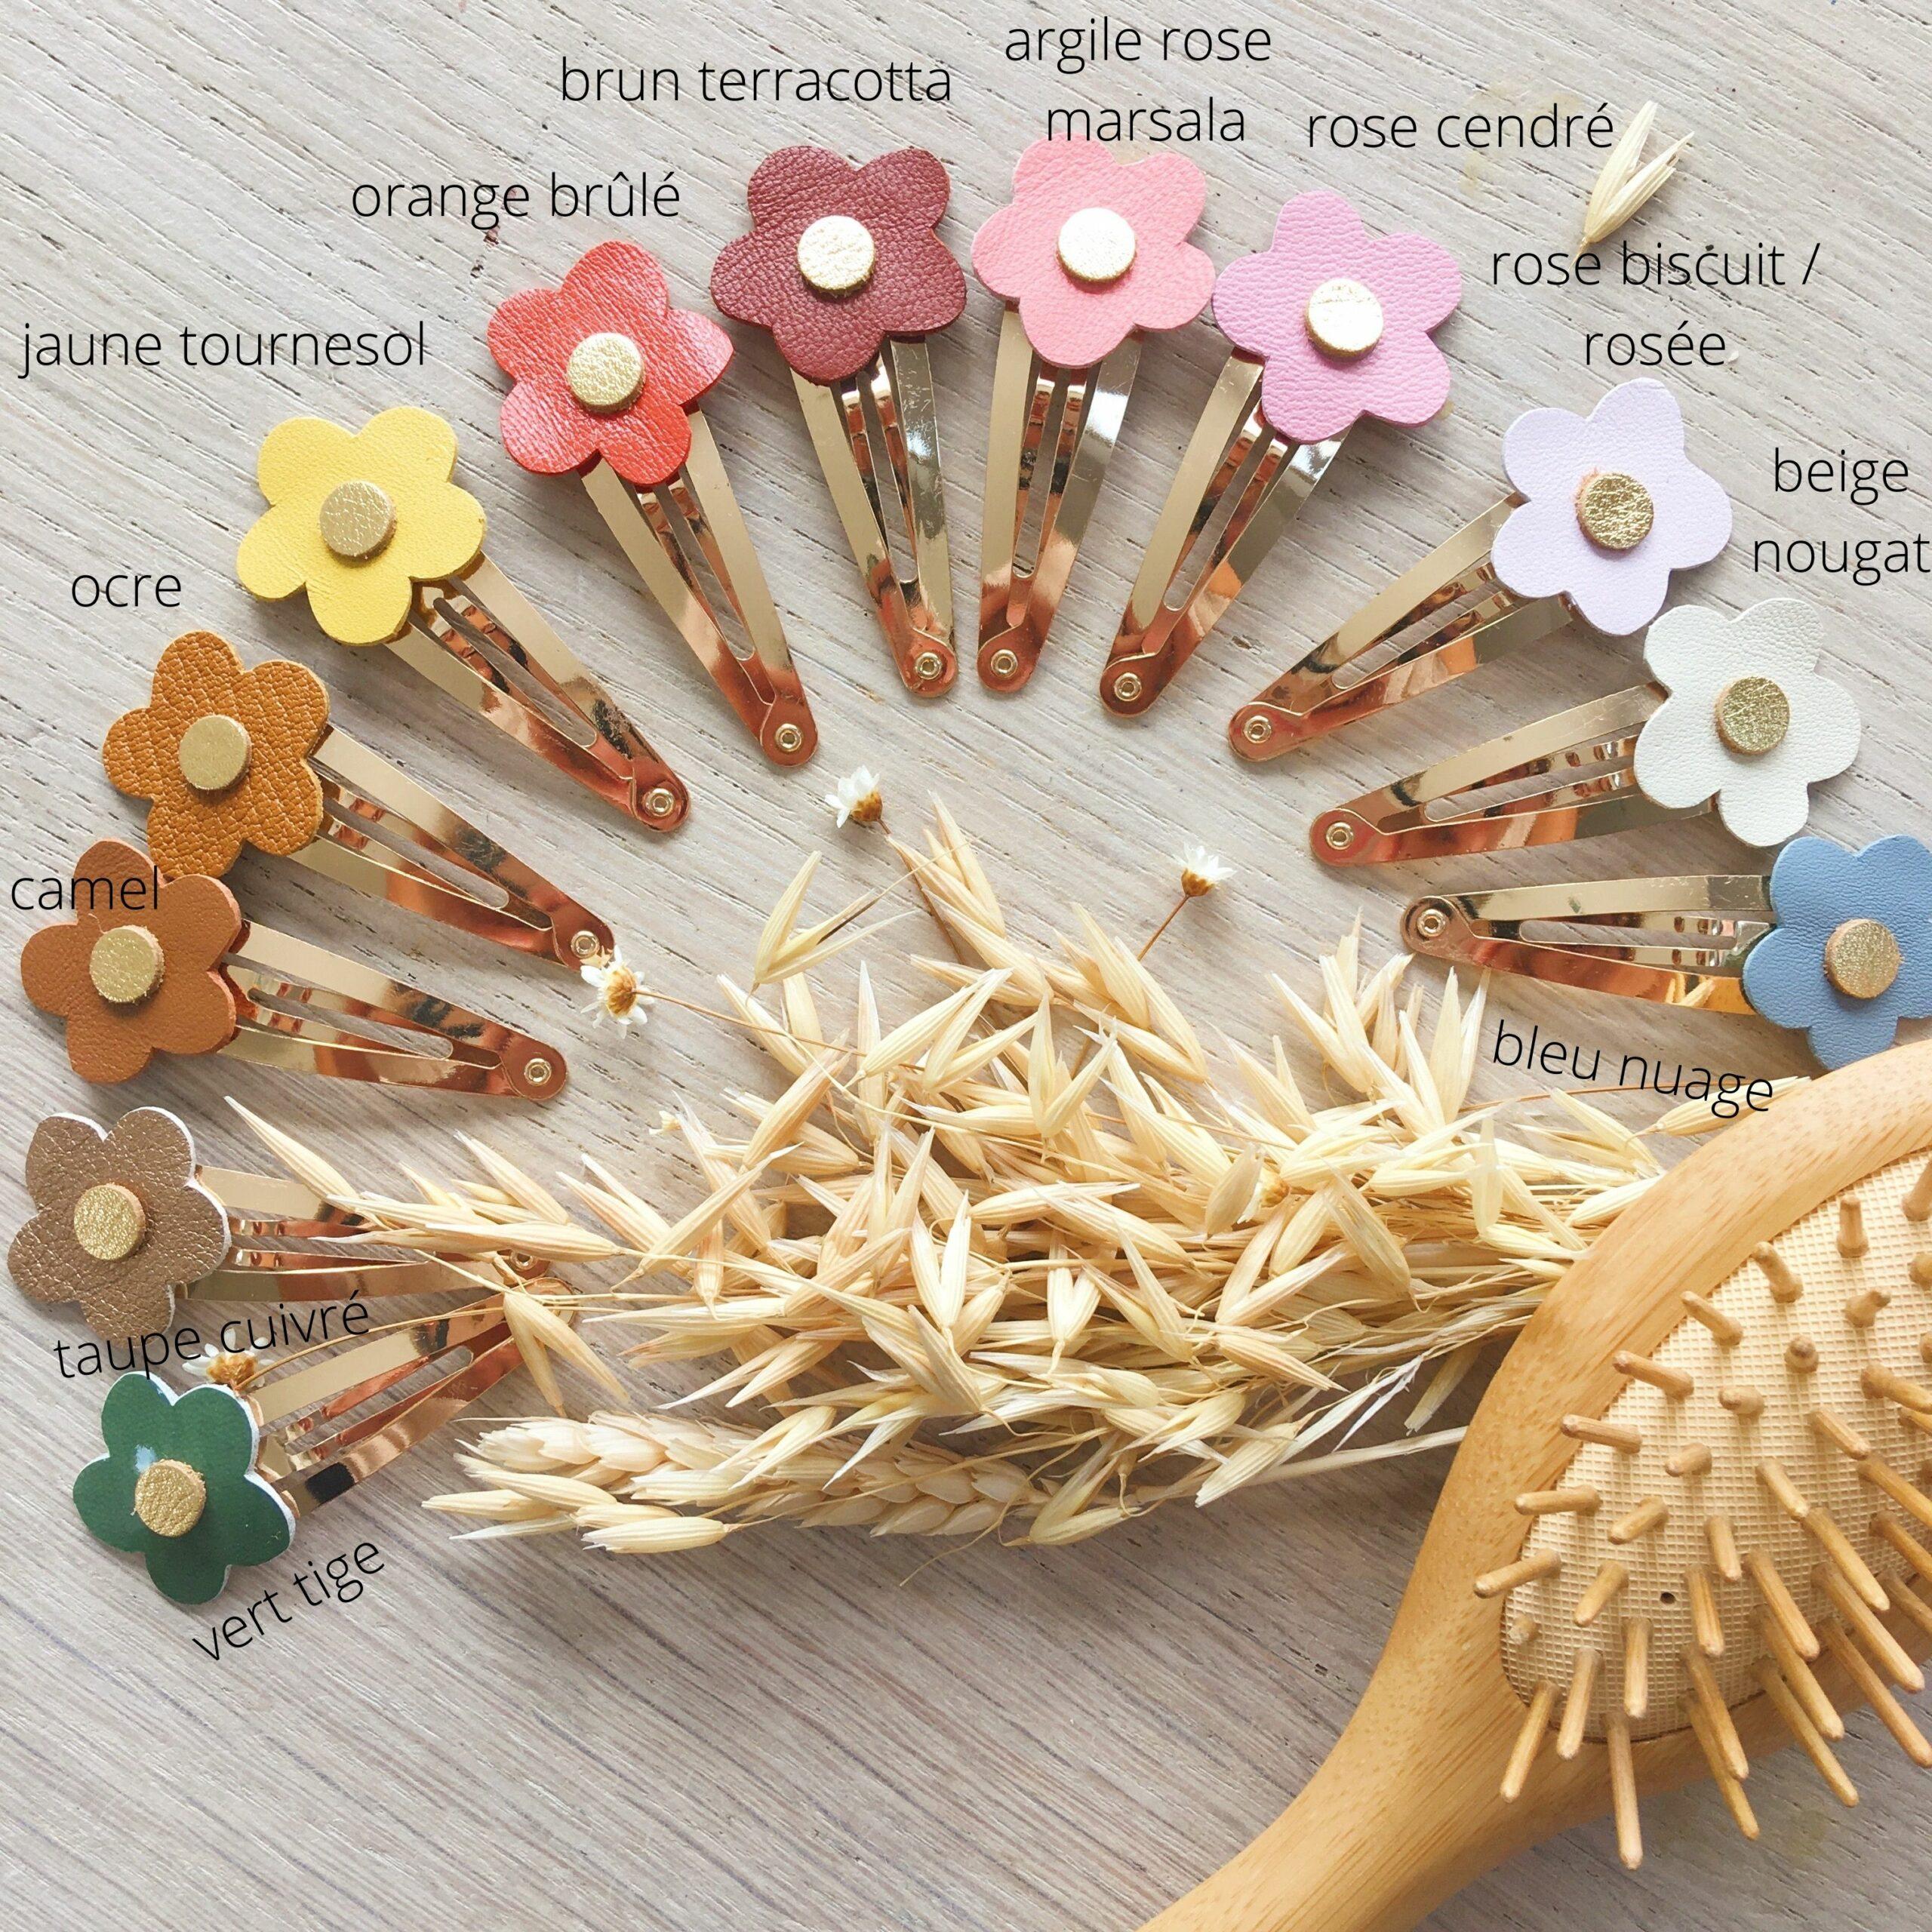 barrettes fleurettes florales fabrication artisanale française en cuir - du vent dans mes valises-2